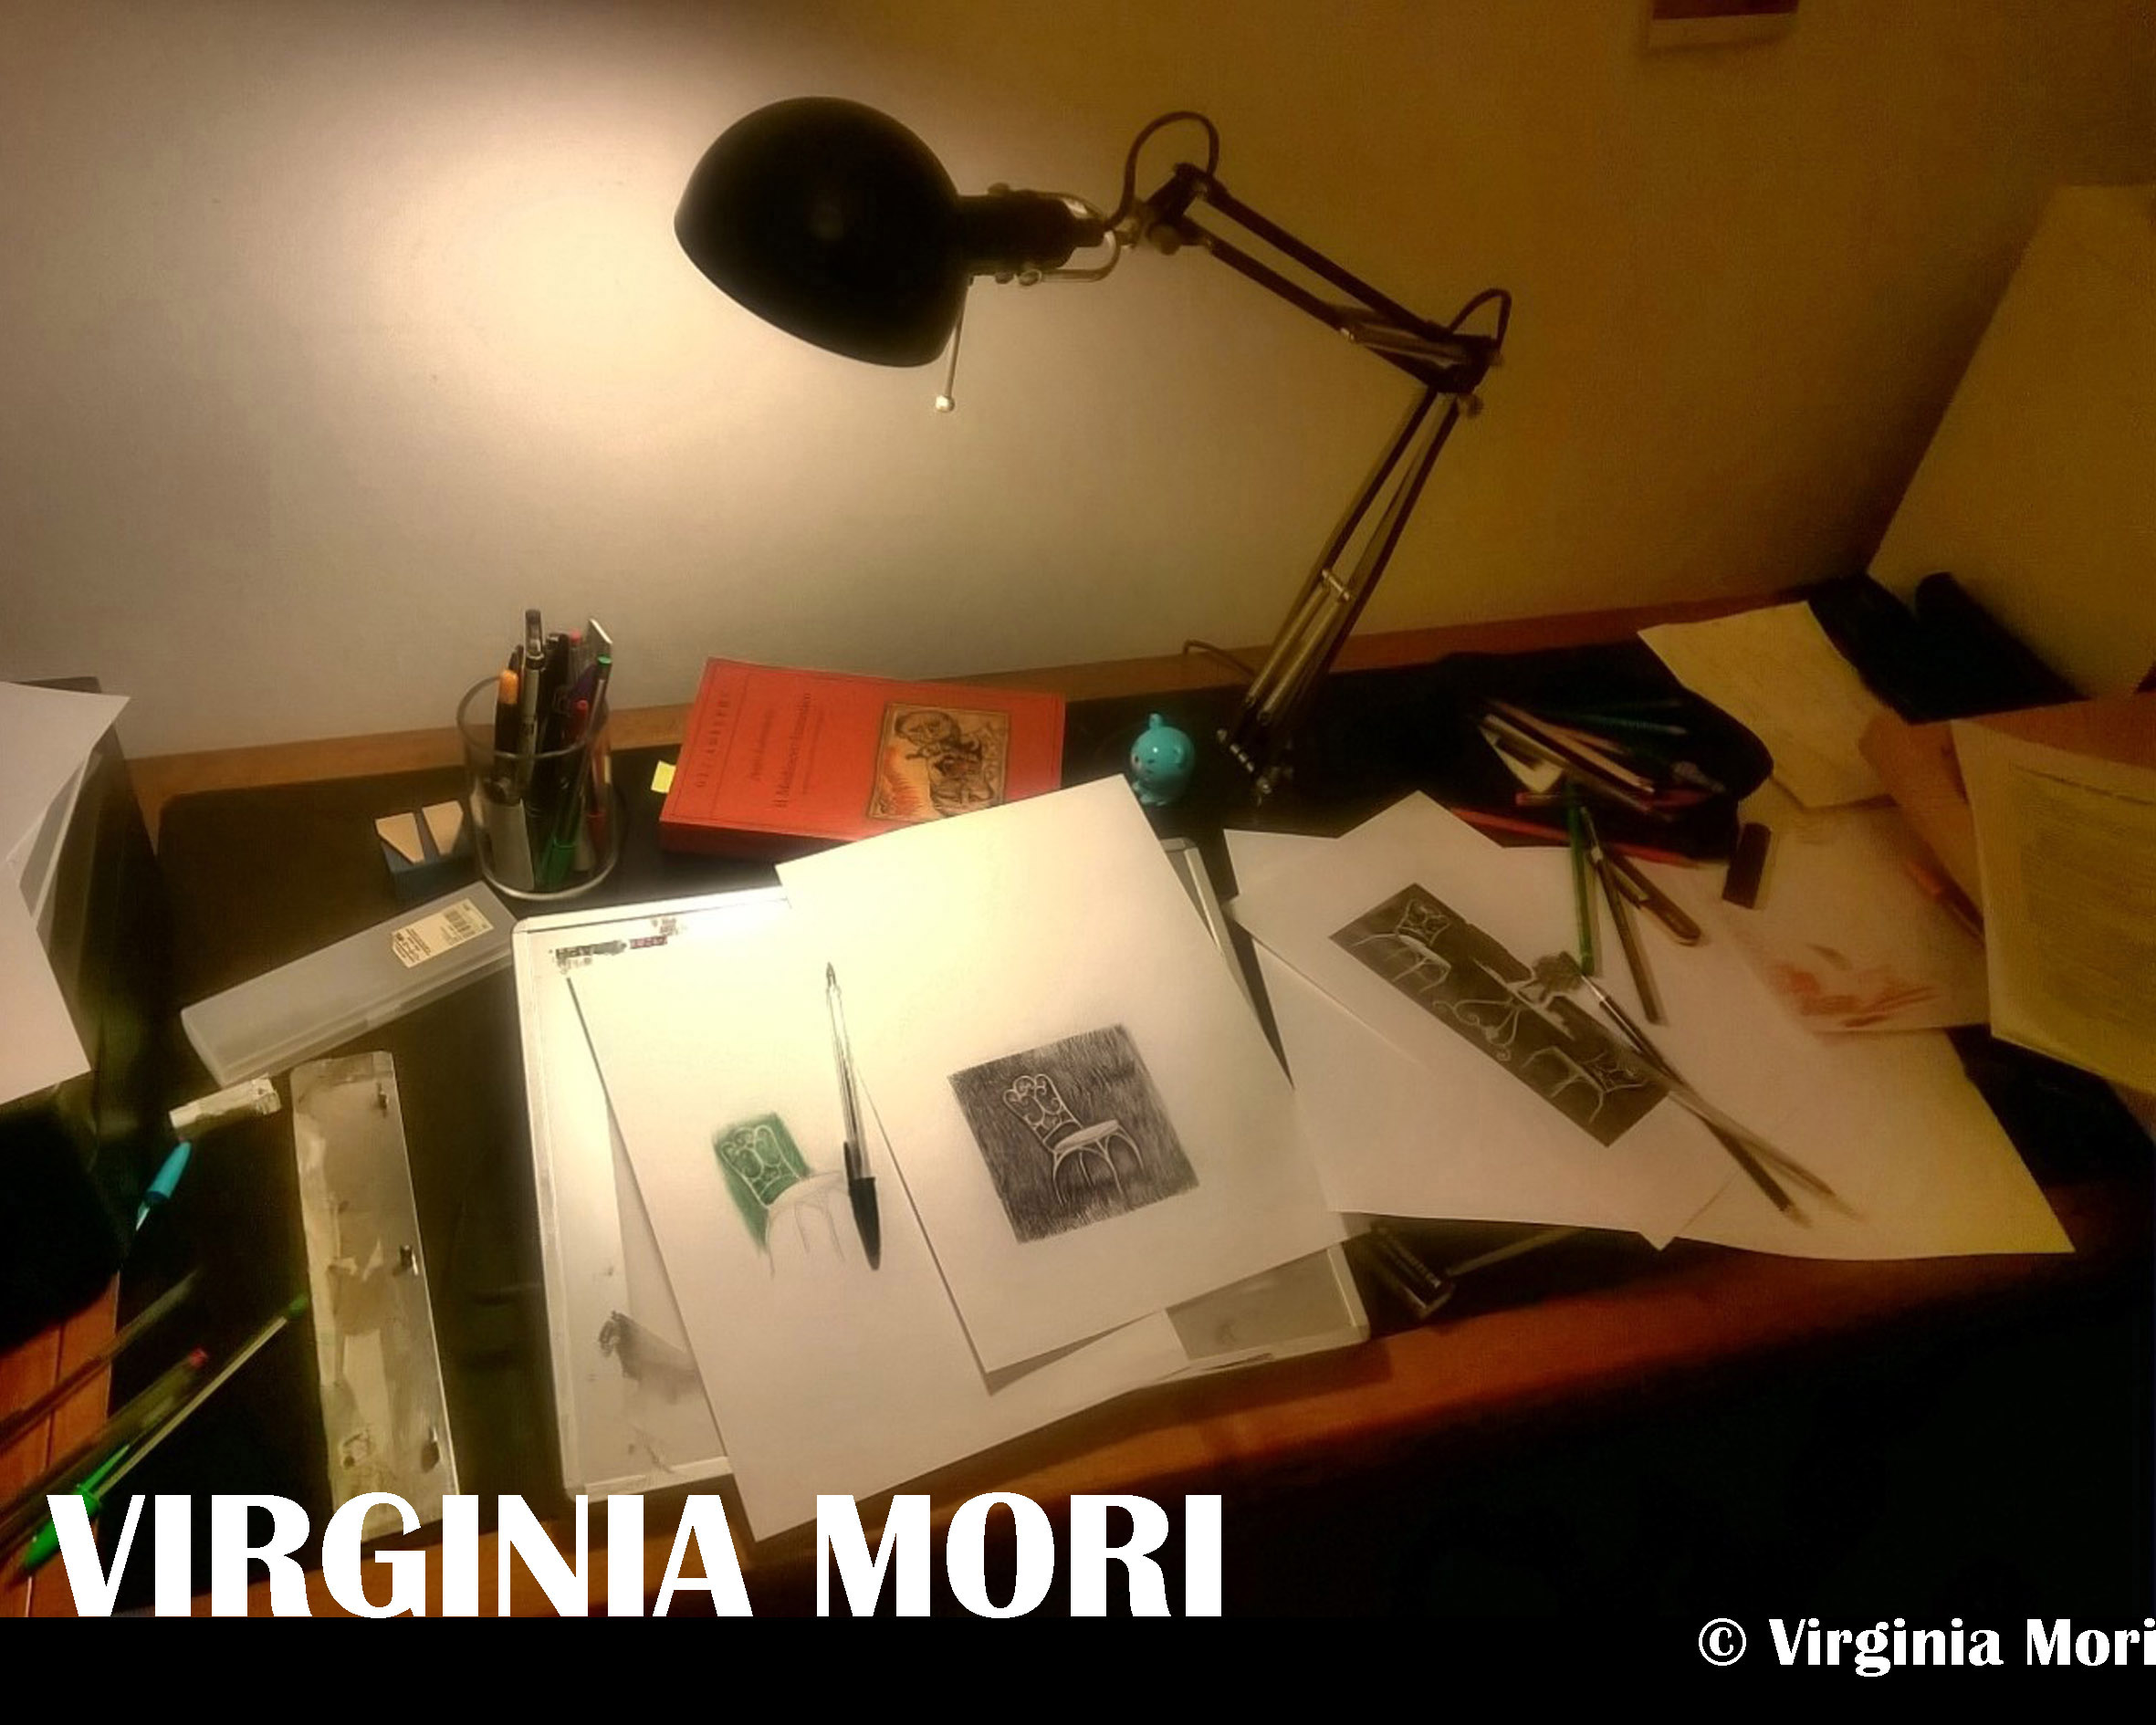 Virginia Mori